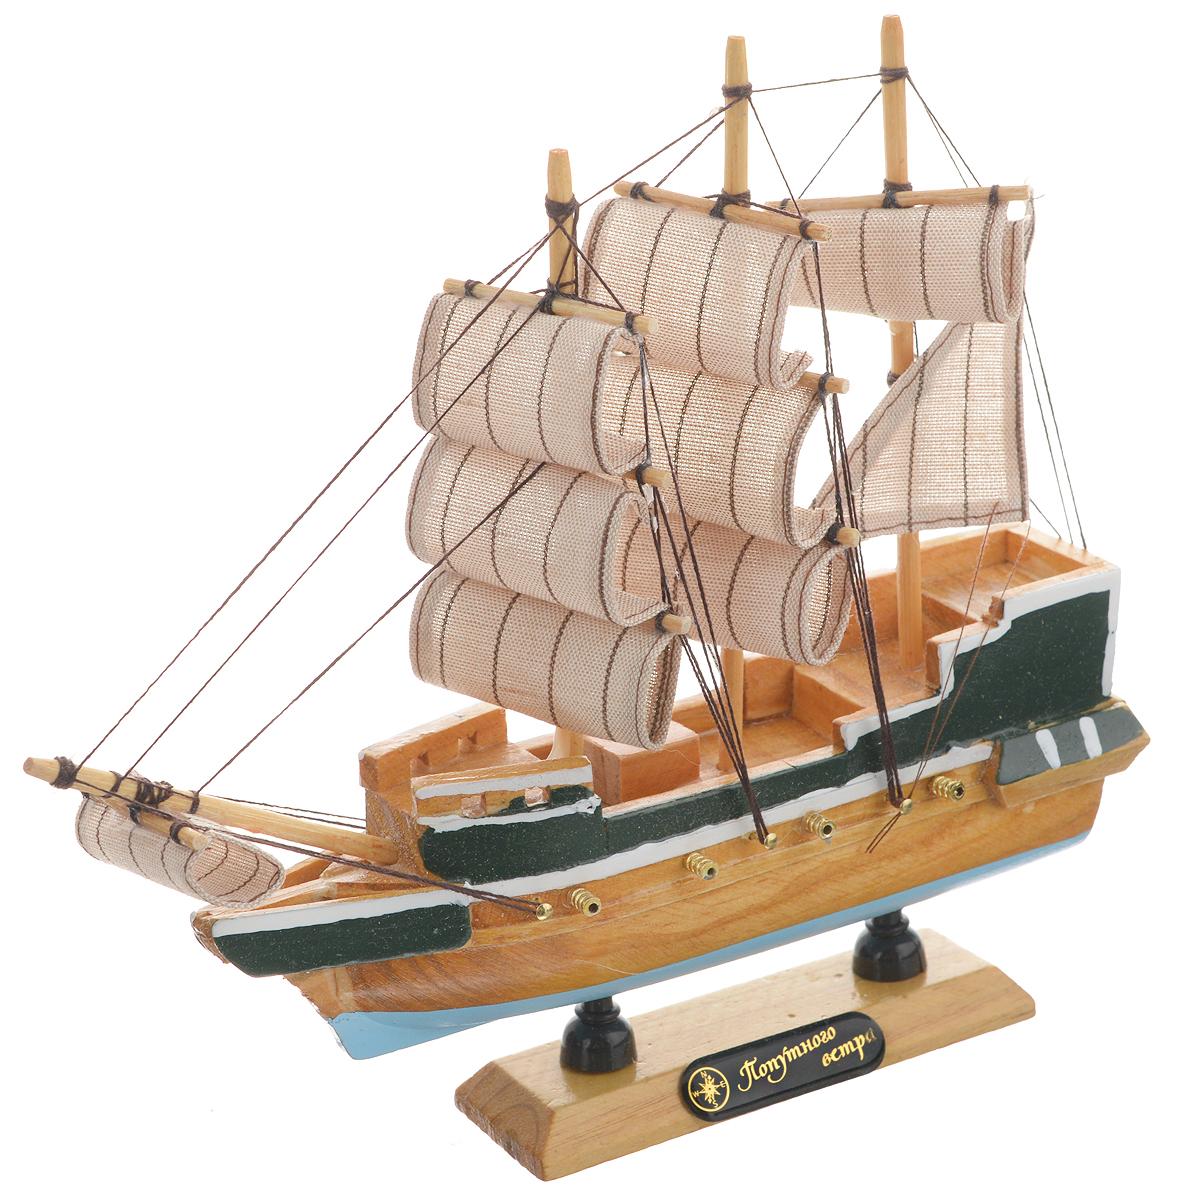 Корабль сувенирный Попутного ветра, длина 20 см. 335335Сувенирный корабль Попутного ветра, изготовленный из дерева и текстиля, это великолепный элемент декора рабочей зоны в офисе или кабинете. Корабль с парусами и якорями помещен на деревянную подставку. Время идет, и мы становимся свидетелями развития технического прогресса, новых учений и практик. Но одно не подвластно времени - это любовь человека к морю и кораблям. Сувенирный корабль наполнен историей и силой океанских вод. Данная модель кораблика станет отличным подарком для всех любителей морей, поклонников историй о покорении океанов и неизведанных земель. Модель корабля - подарок со смыслом. Издавна на Руси считалось, что корабли приносят удачу и везение. Поэтому их изображения, фигурки и точные копии всегда присутствовали в помещениях. Удивите себя и своих близких необычным презентом.